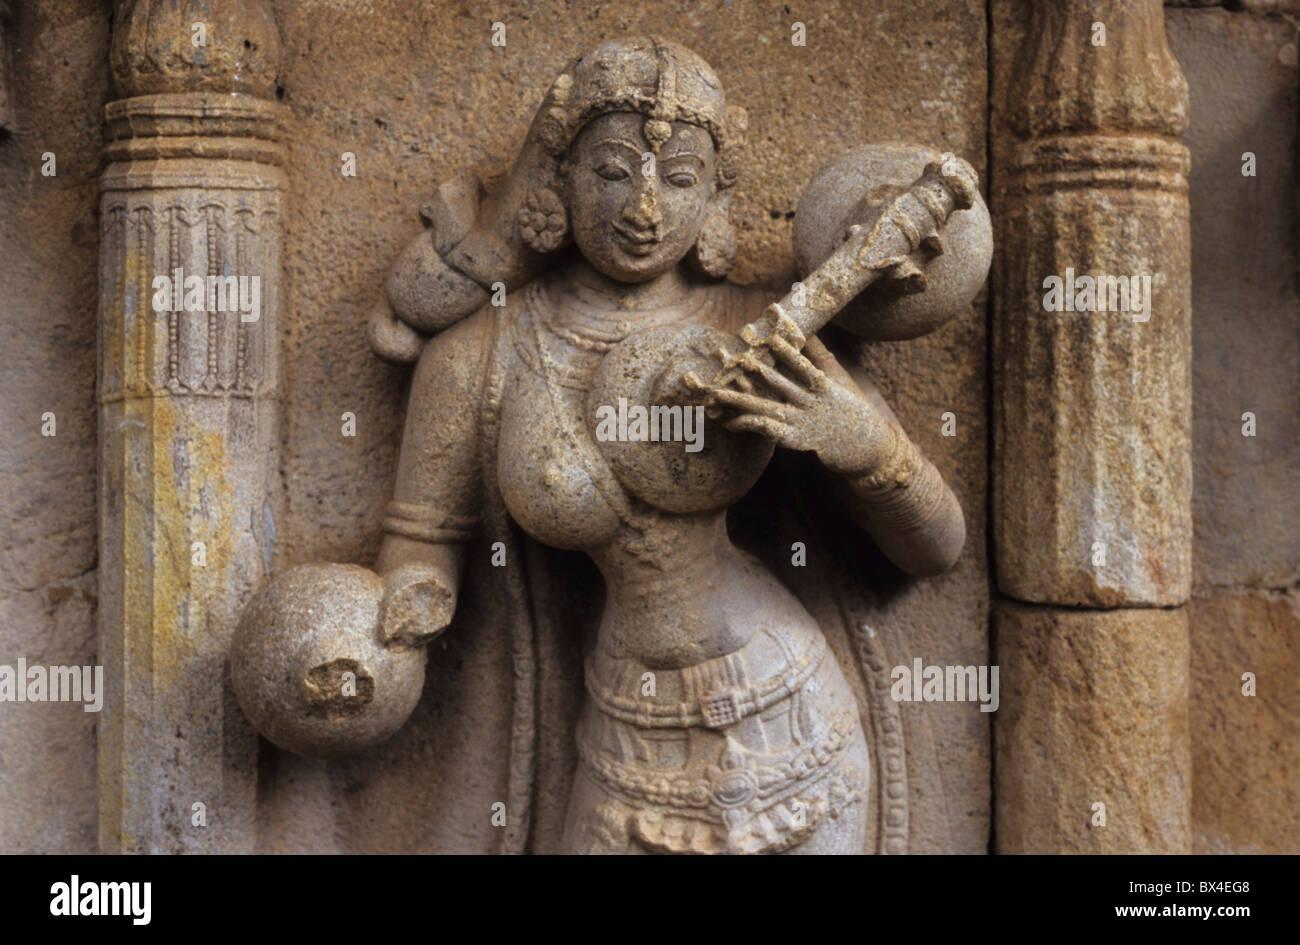 Ly Nymphe Vina Karnataka Indien asiatischen Religionen Asiens Frau Figur glauben Hinduismus Mythologie Nymphe Philosophie Stockbild